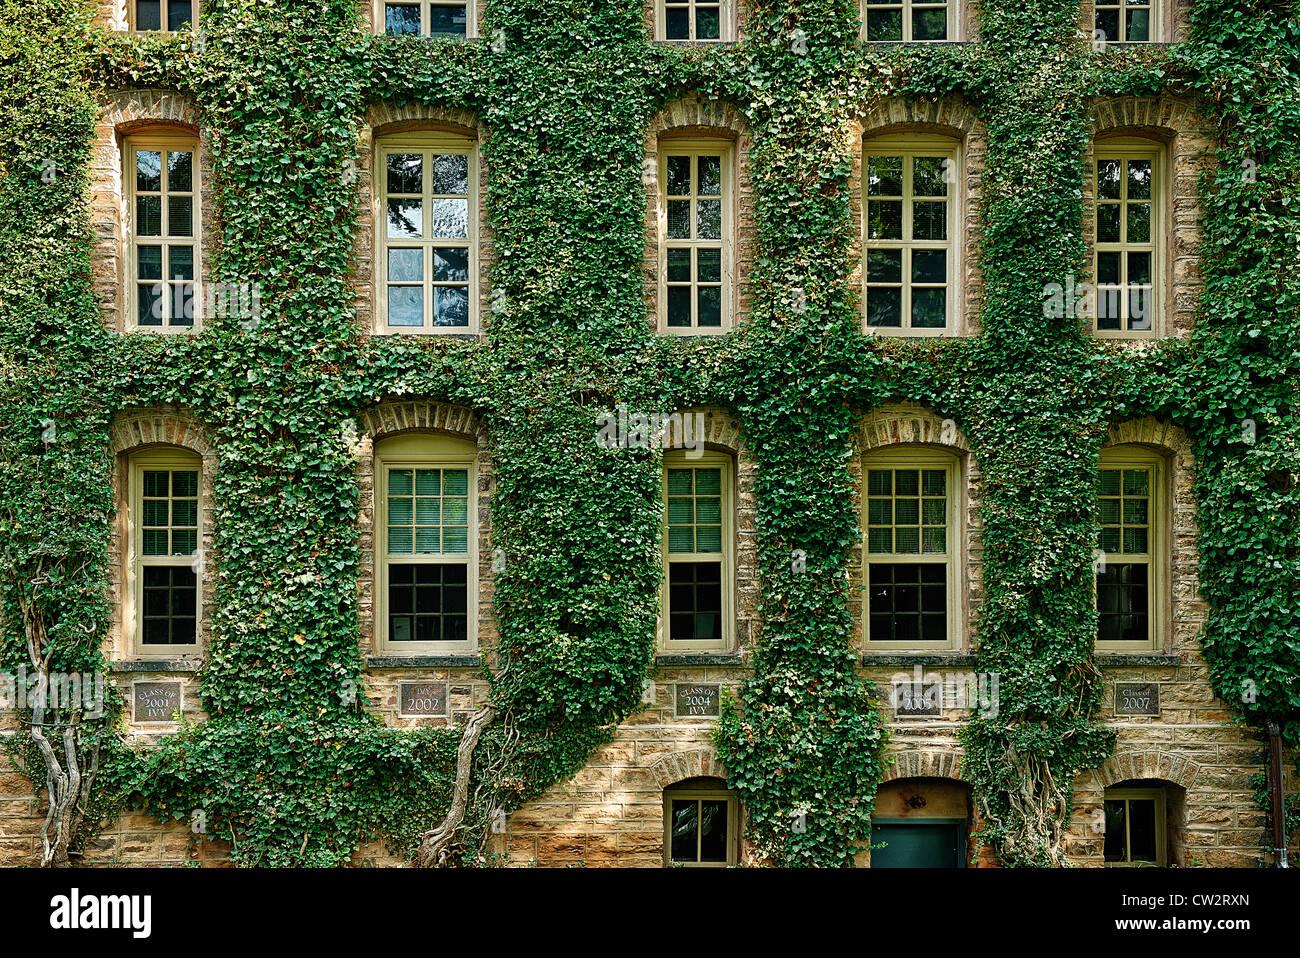 Información edificio cubierto de hiedra, de la Universidad de Princeton, Nueva Jersey, EE.UU. Imagen De Stock